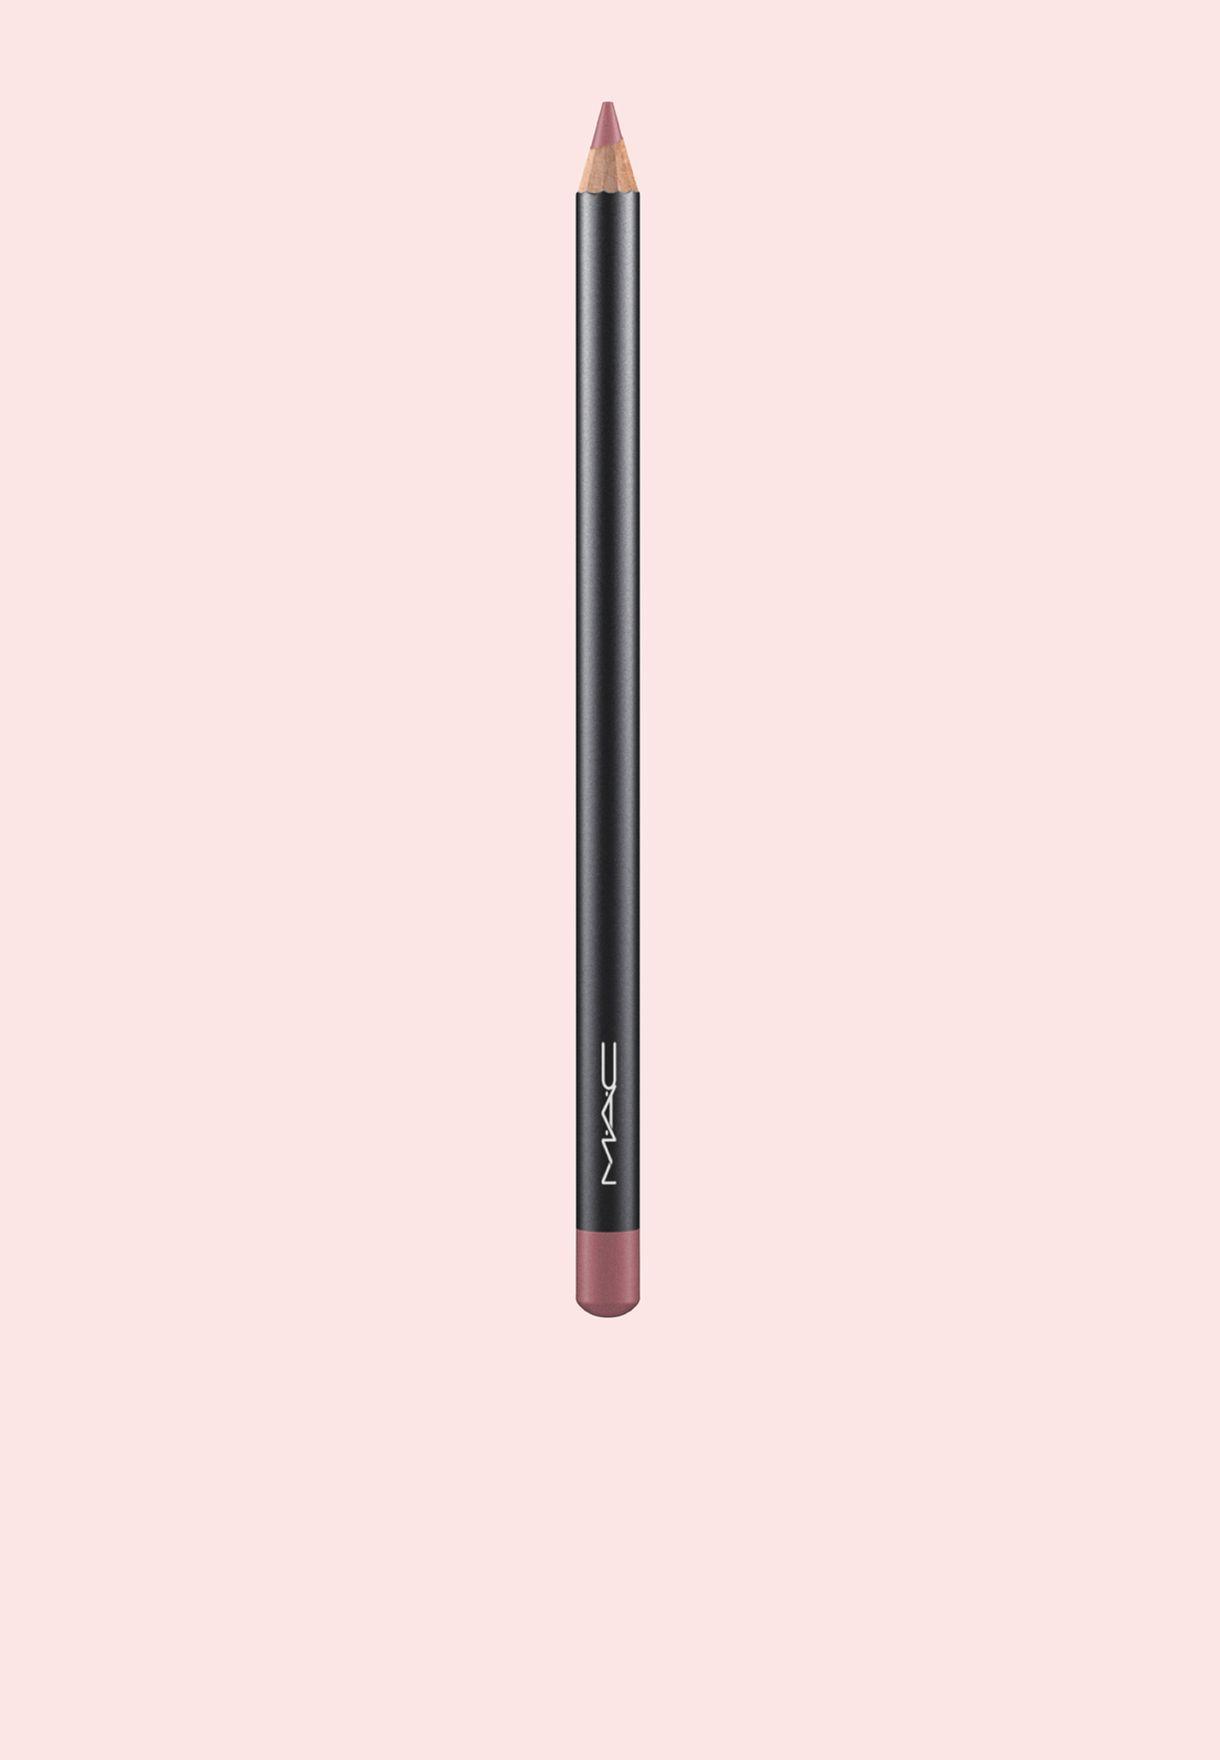 قلم شفاه - درفيش